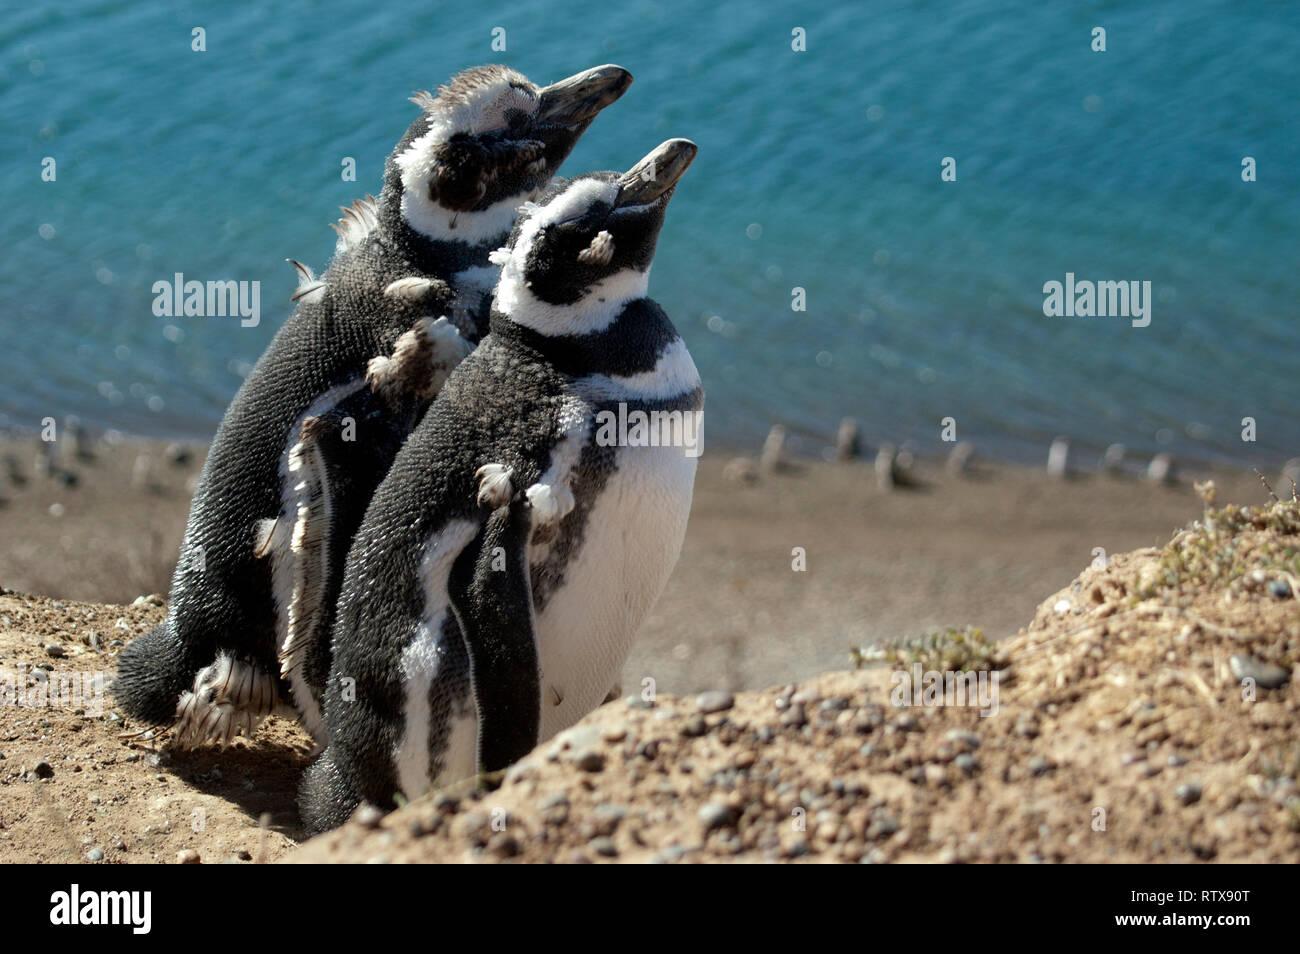 Magellanic Penguins, Spheniscus magellanicus, San Lorenzo Pinguinera, Valdes Peninsula, Chubut, Patagonia Argentina Stock Photo